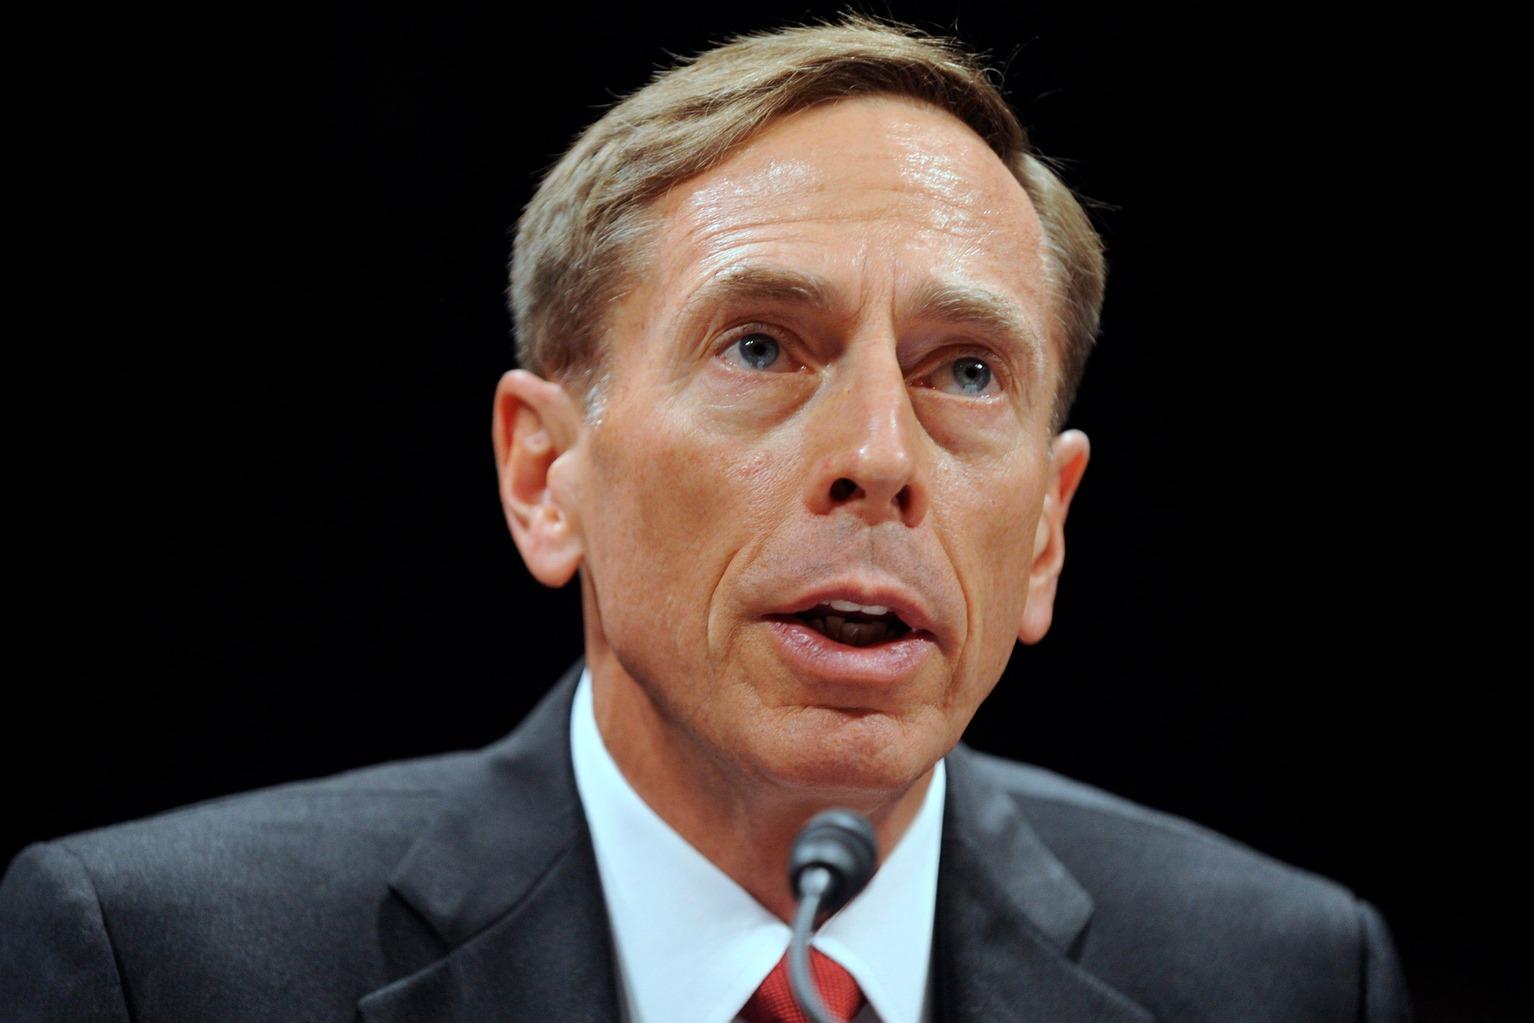 2011. szeptember 13-i képen David Petraeus, a Központi Hírszerző Ügynökség, a CIA igazgatója részt vesz a 2001-es terrortámadás 10. évfordulója alkalmából tartott szenátusi meghallgatáson Washingtonban. Petraeus november 9-én bejelentette, hogy egy házasságon kívüli viszony miatt lemond igazgatói megbízatásáról. (MTI/EPA/Michael Reynolds)